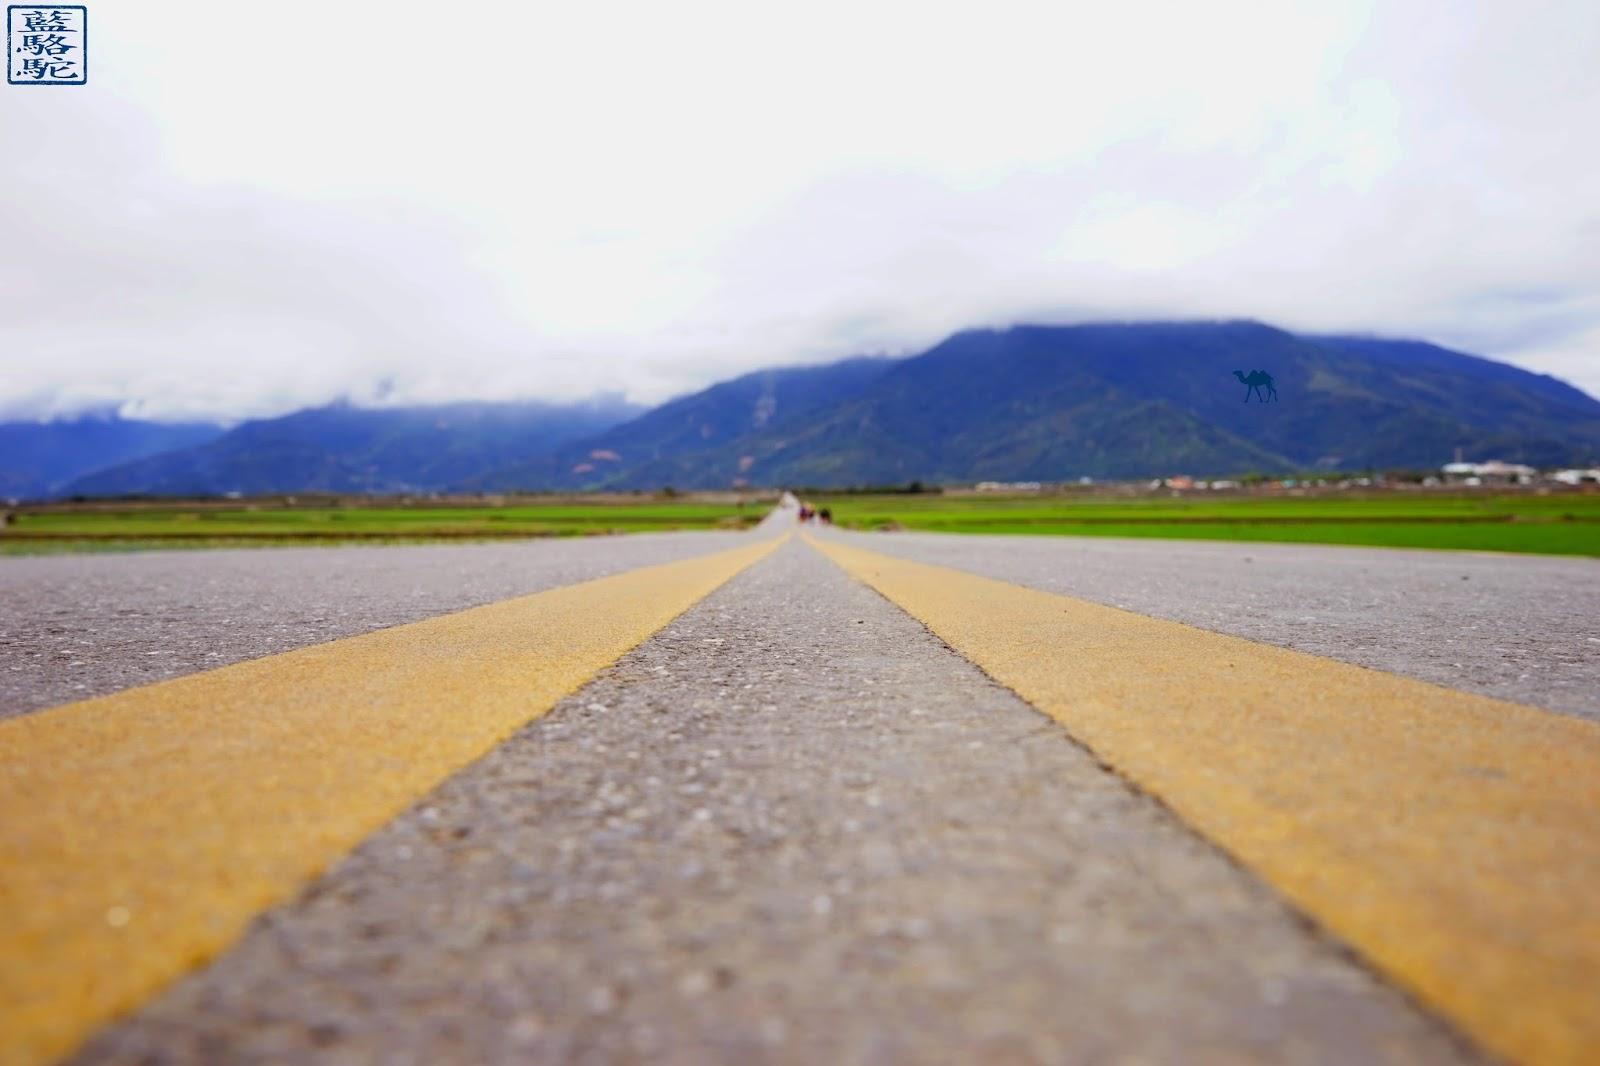 Le Chameau Bleu - Route de Shichang - Séjour à Taiwan - Chose a faire